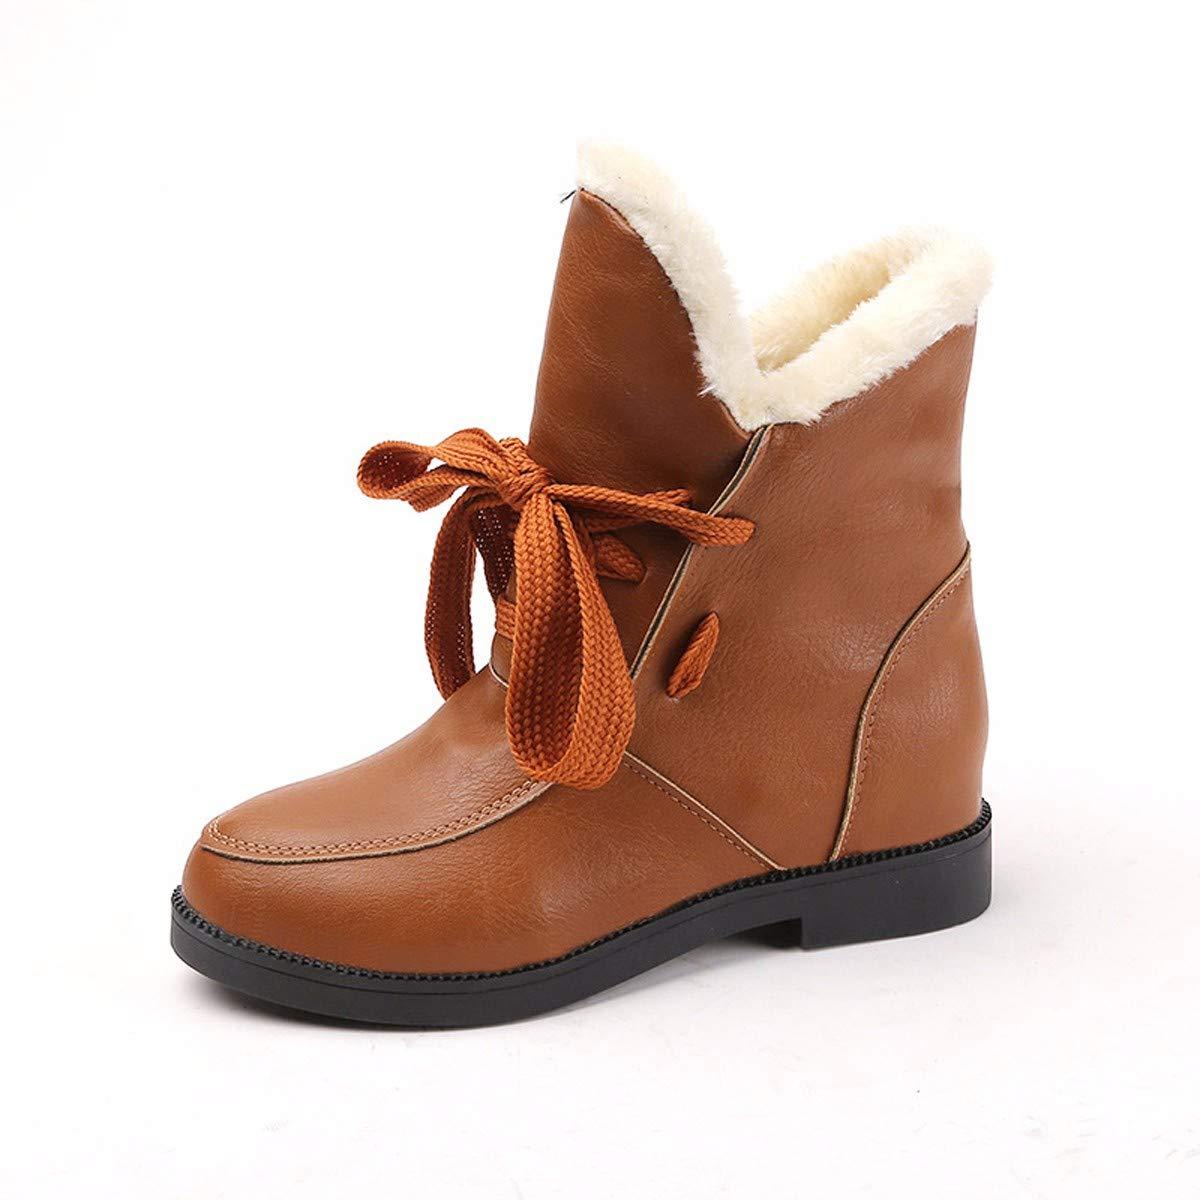 KPHY Damenschuhe/Mode, Stiefeln, Mit Hohen 2Cm, Mode, Frenulum, Studenten, Warm Und Samt, Hohe Baumwoll - Schuhe.